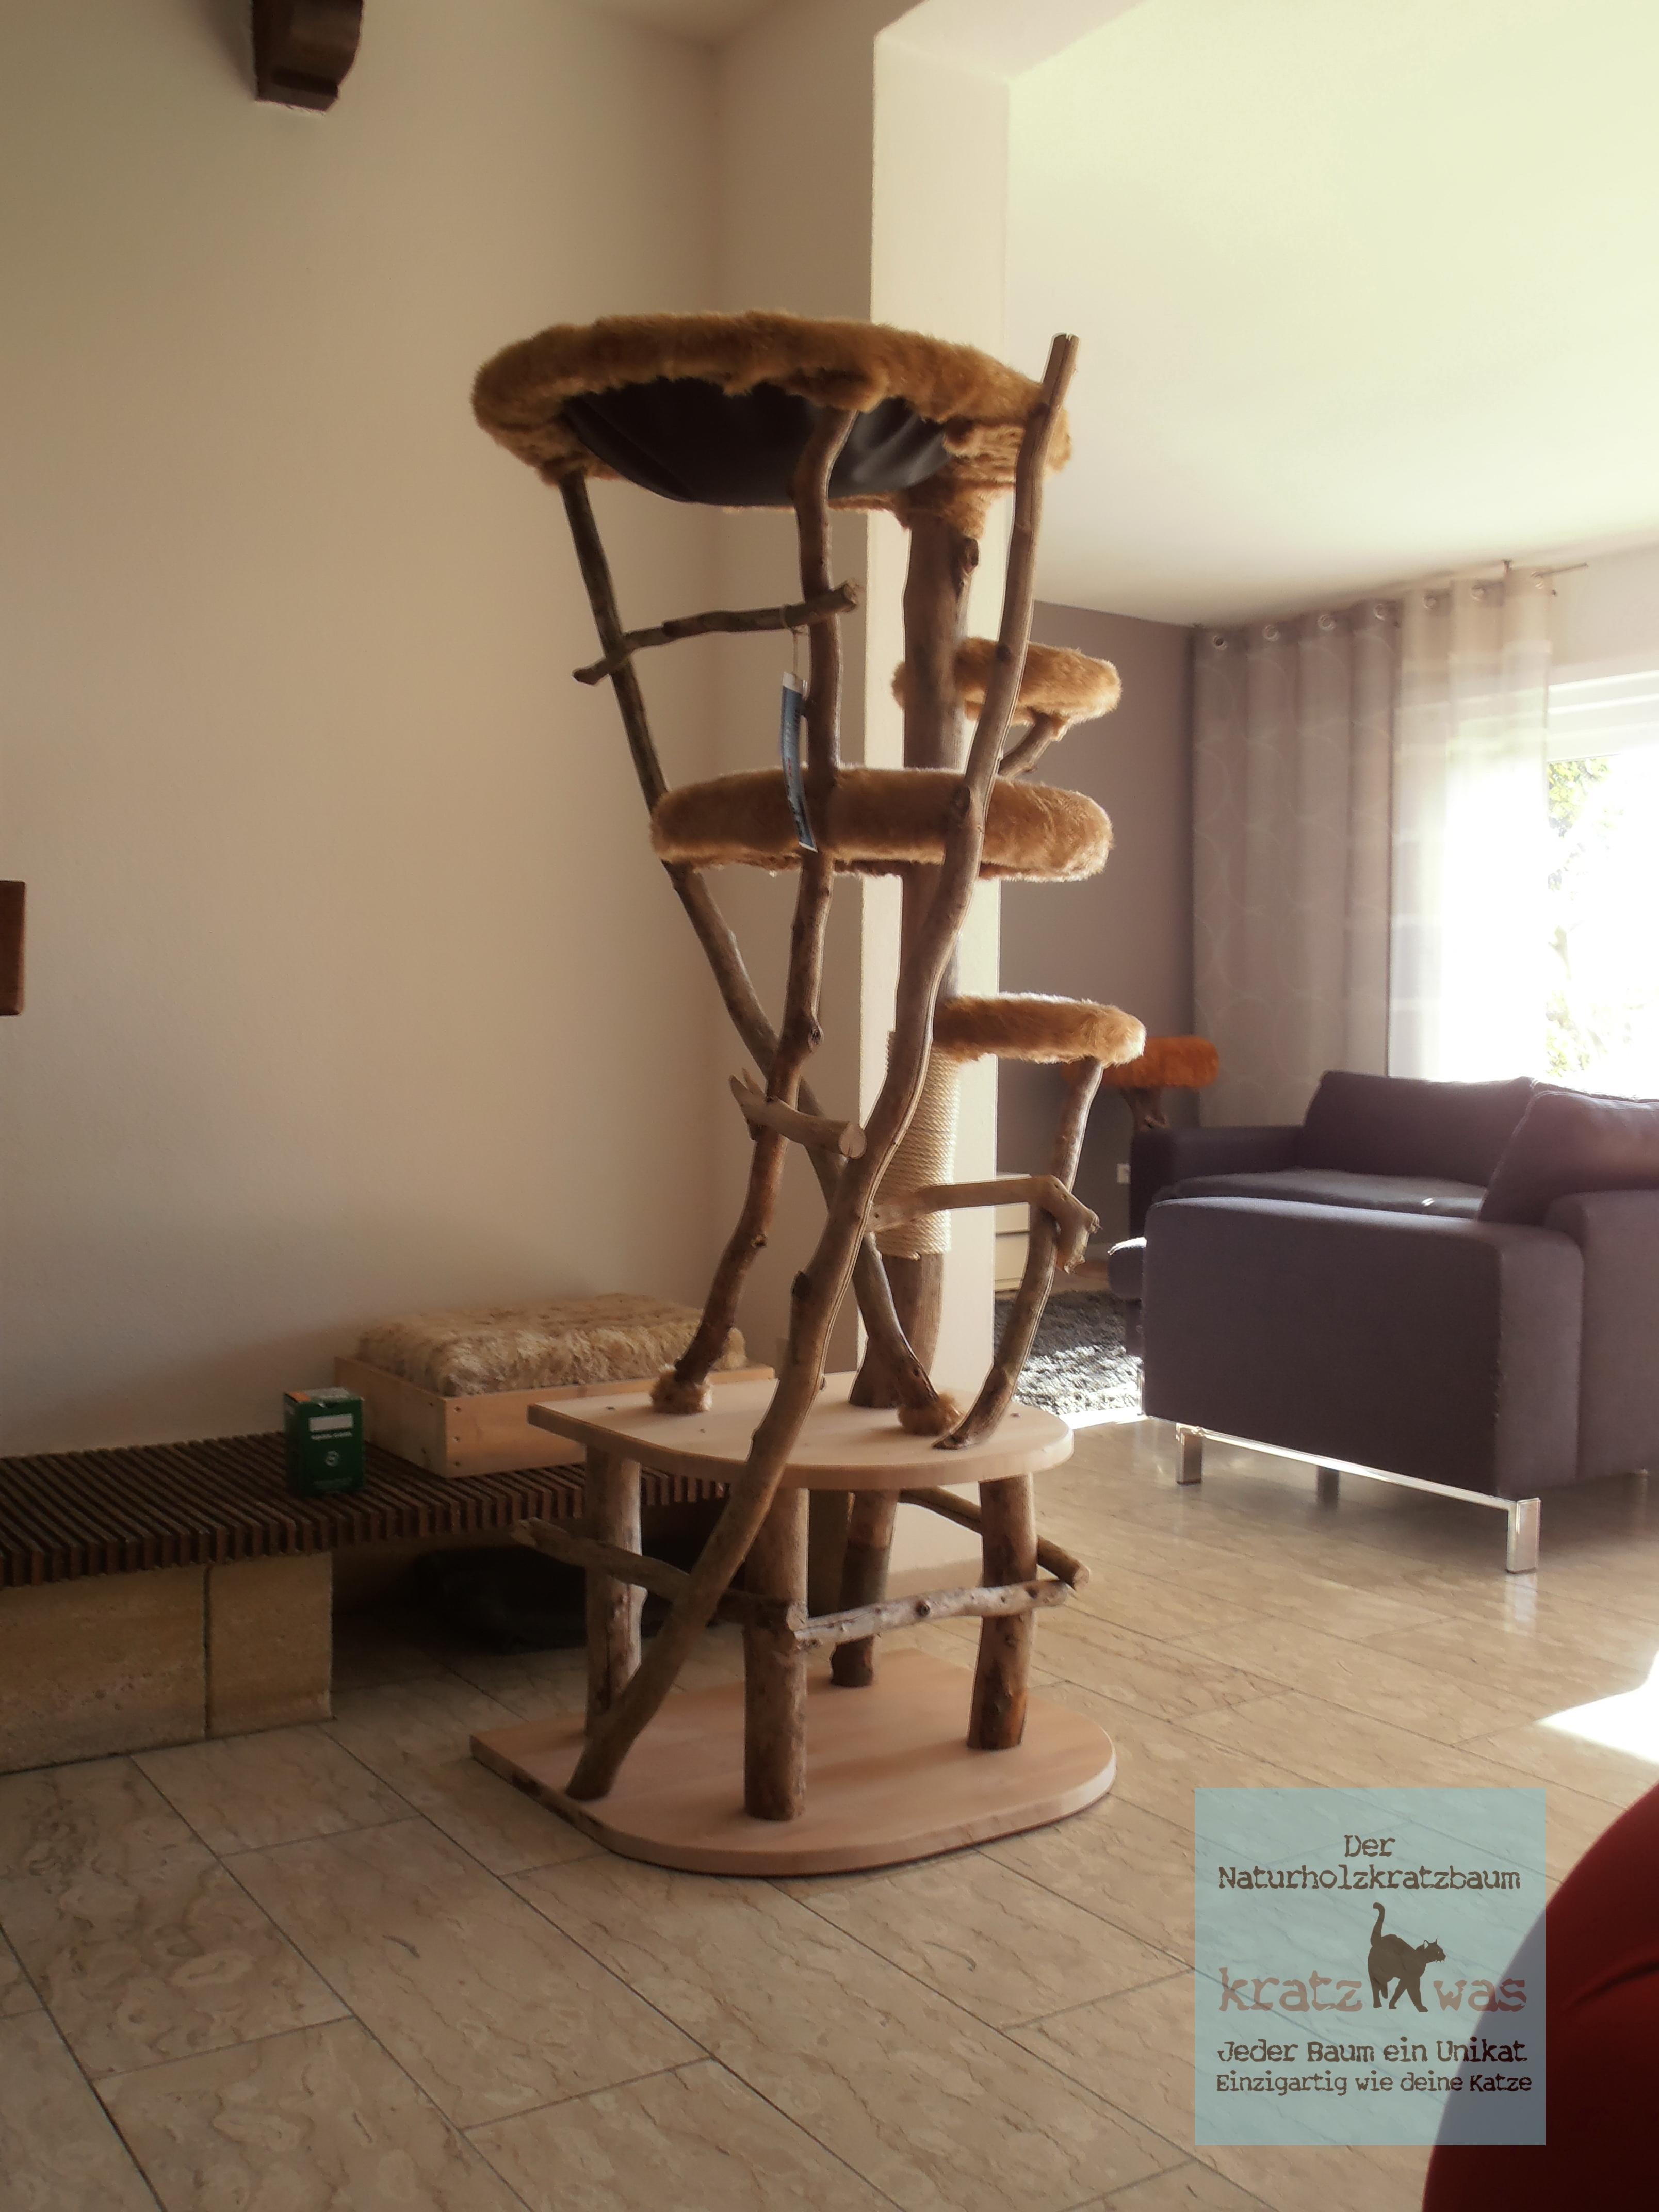 werkstatt news modifizierung von fertigen b umen kratzwas naturholzkratzb ume. Black Bedroom Furniture Sets. Home Design Ideas